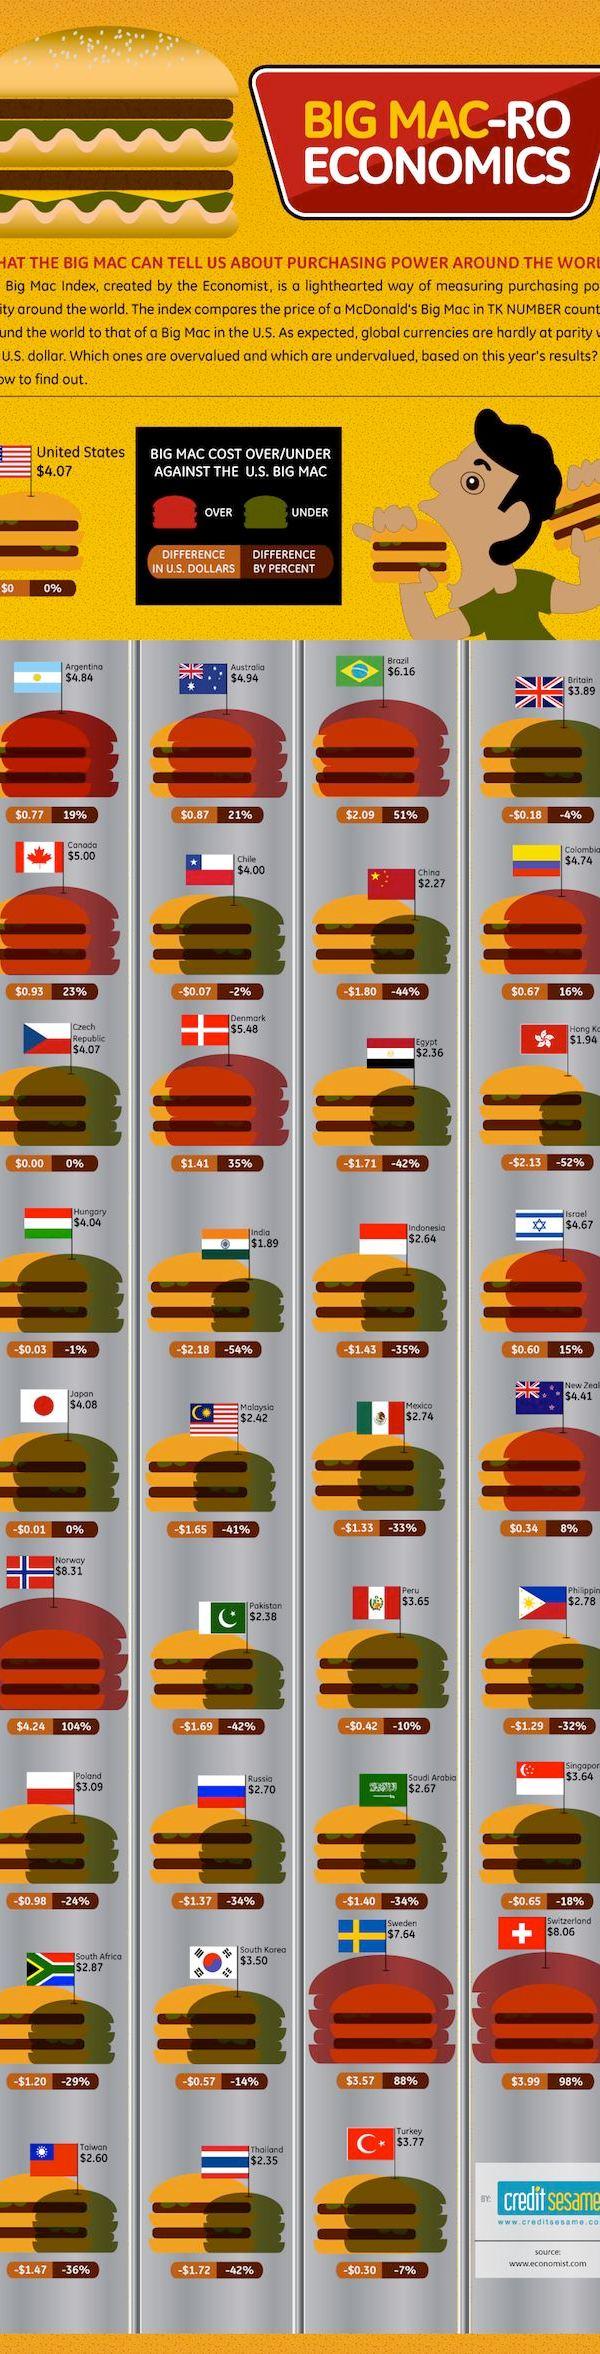 Bigmac economic index Qué es el índice Big Mac y cómo nos ayuda para identificar la disparidad en las divisas internacionales [Infografía]